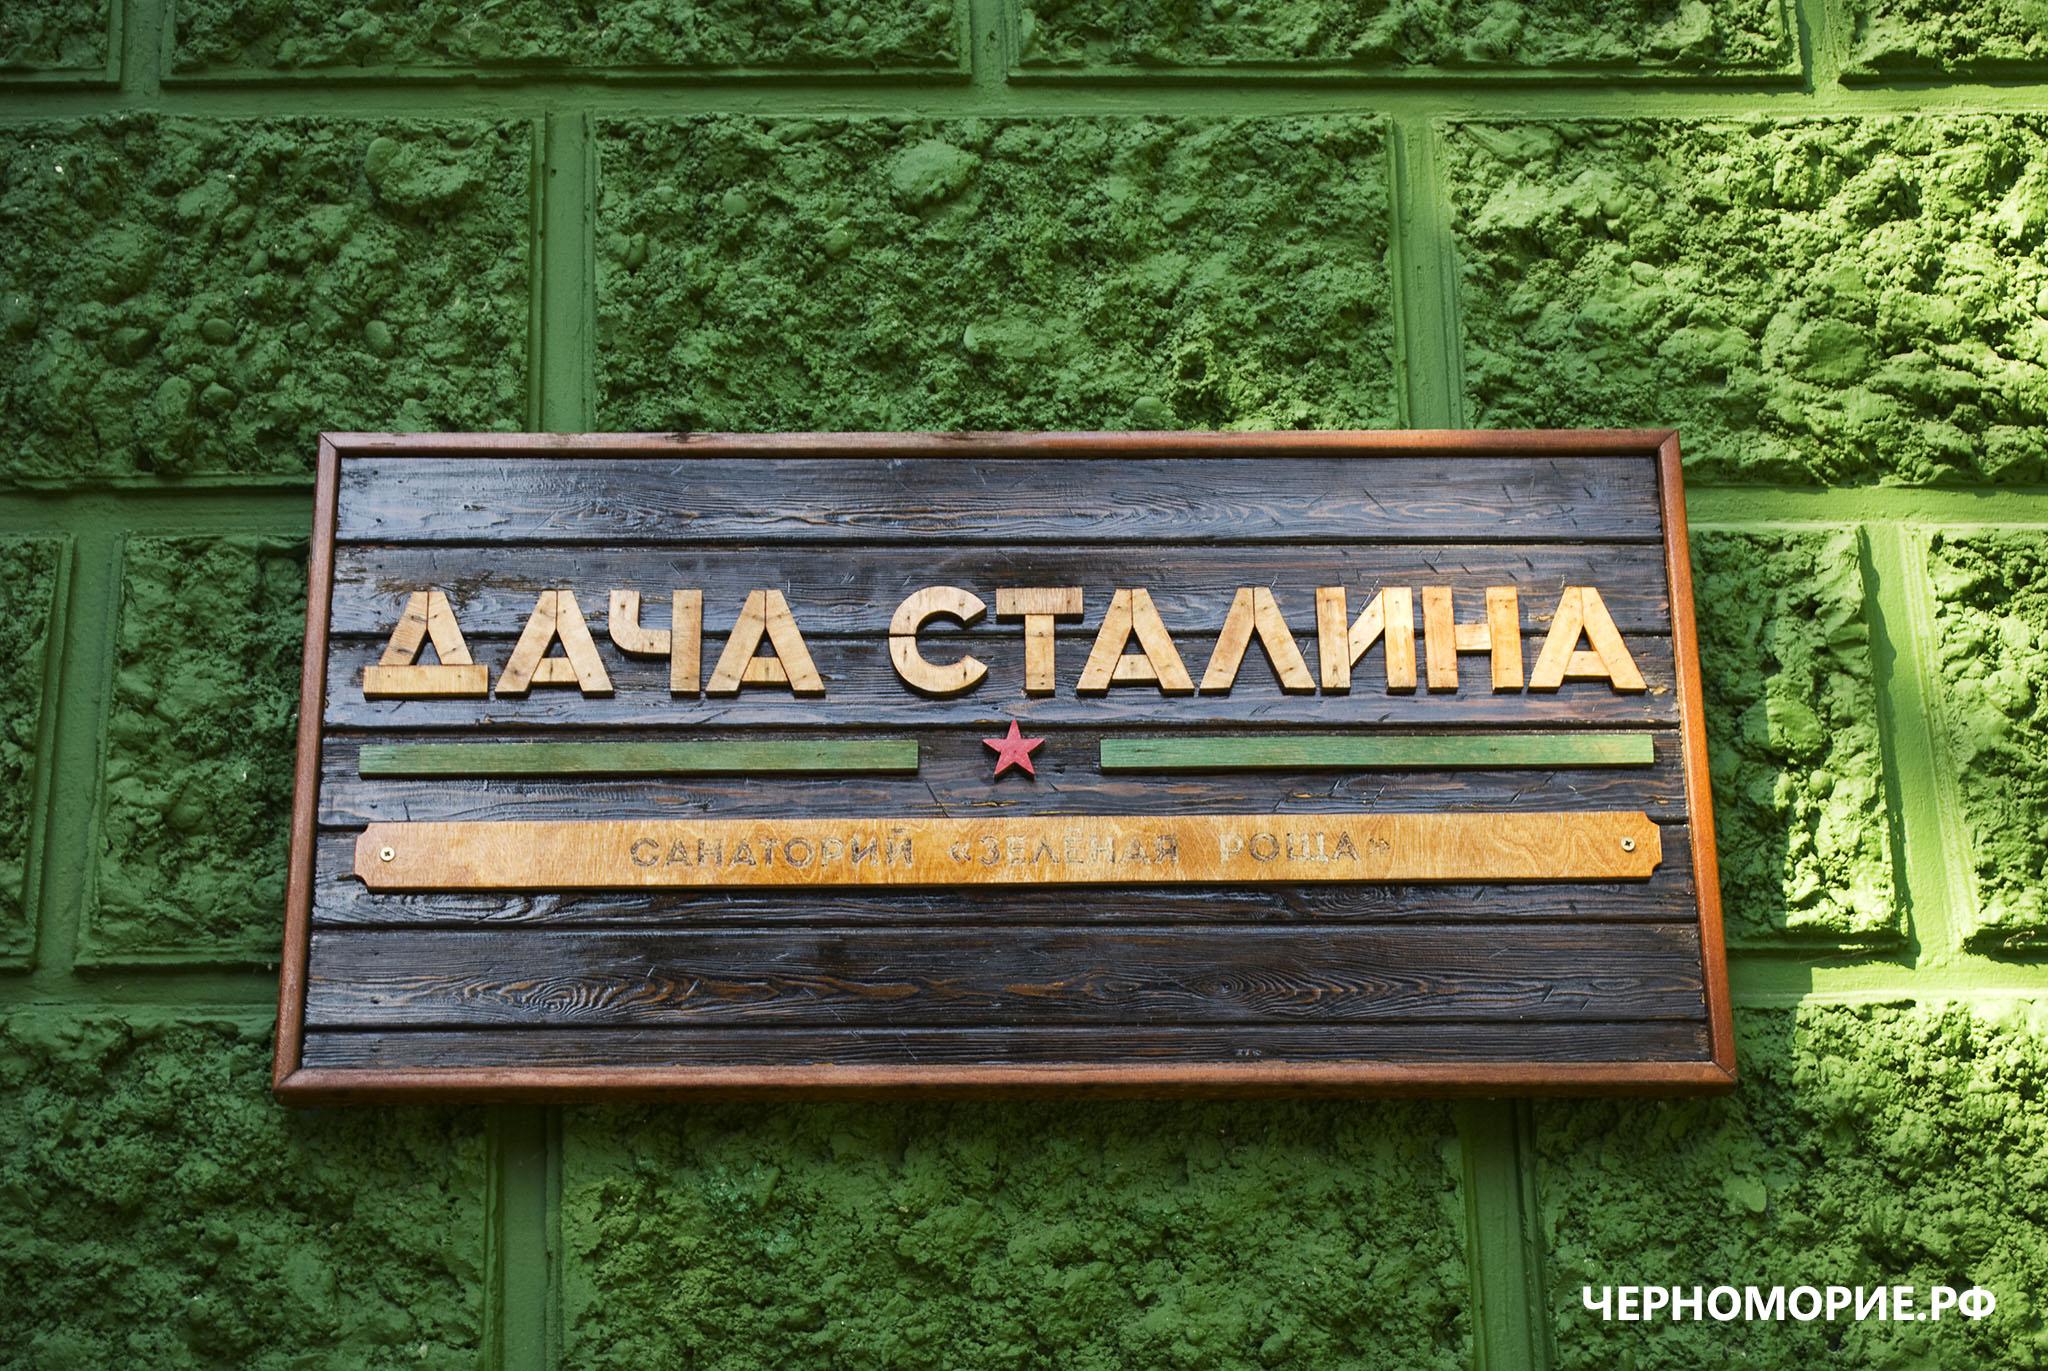 Дача Сталина в Сочи, вывеска на здании